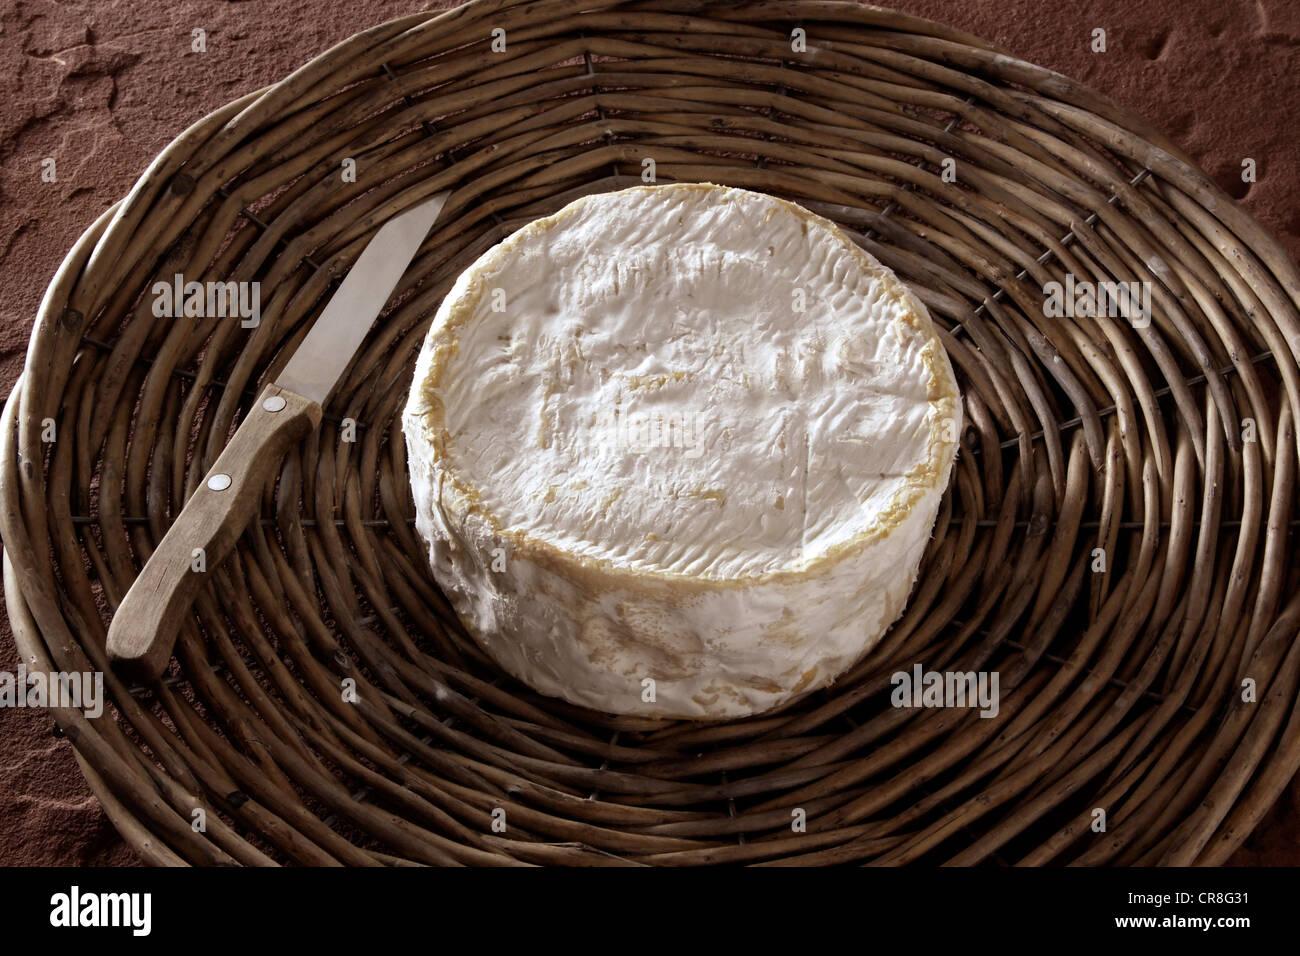 Französischer Weichkäse auf einem Korb-Tablett Stockfoto